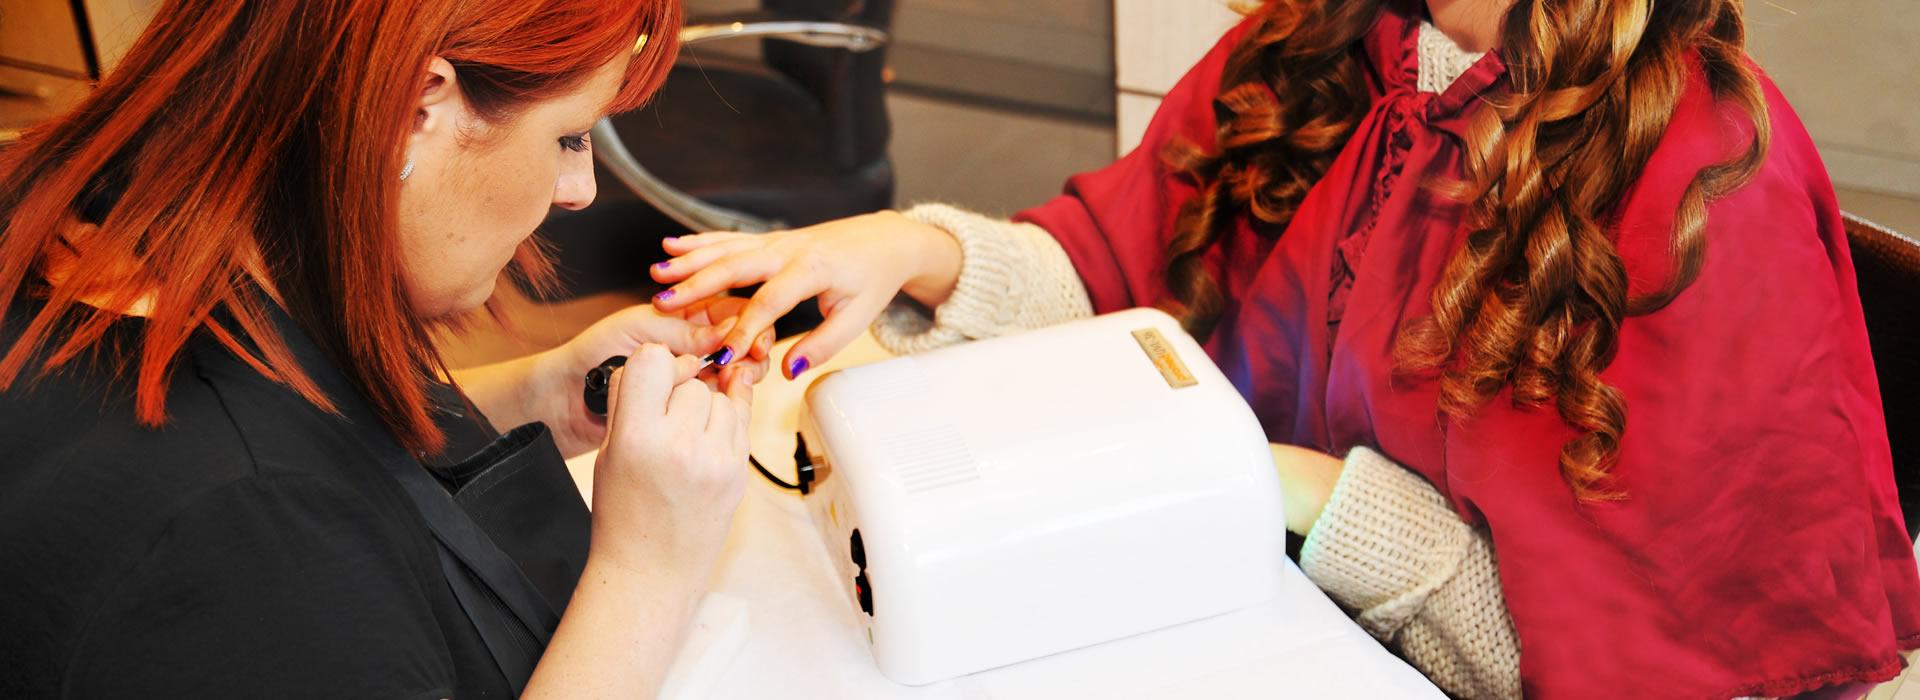 Ingrijire unghii manichiura pedichiura